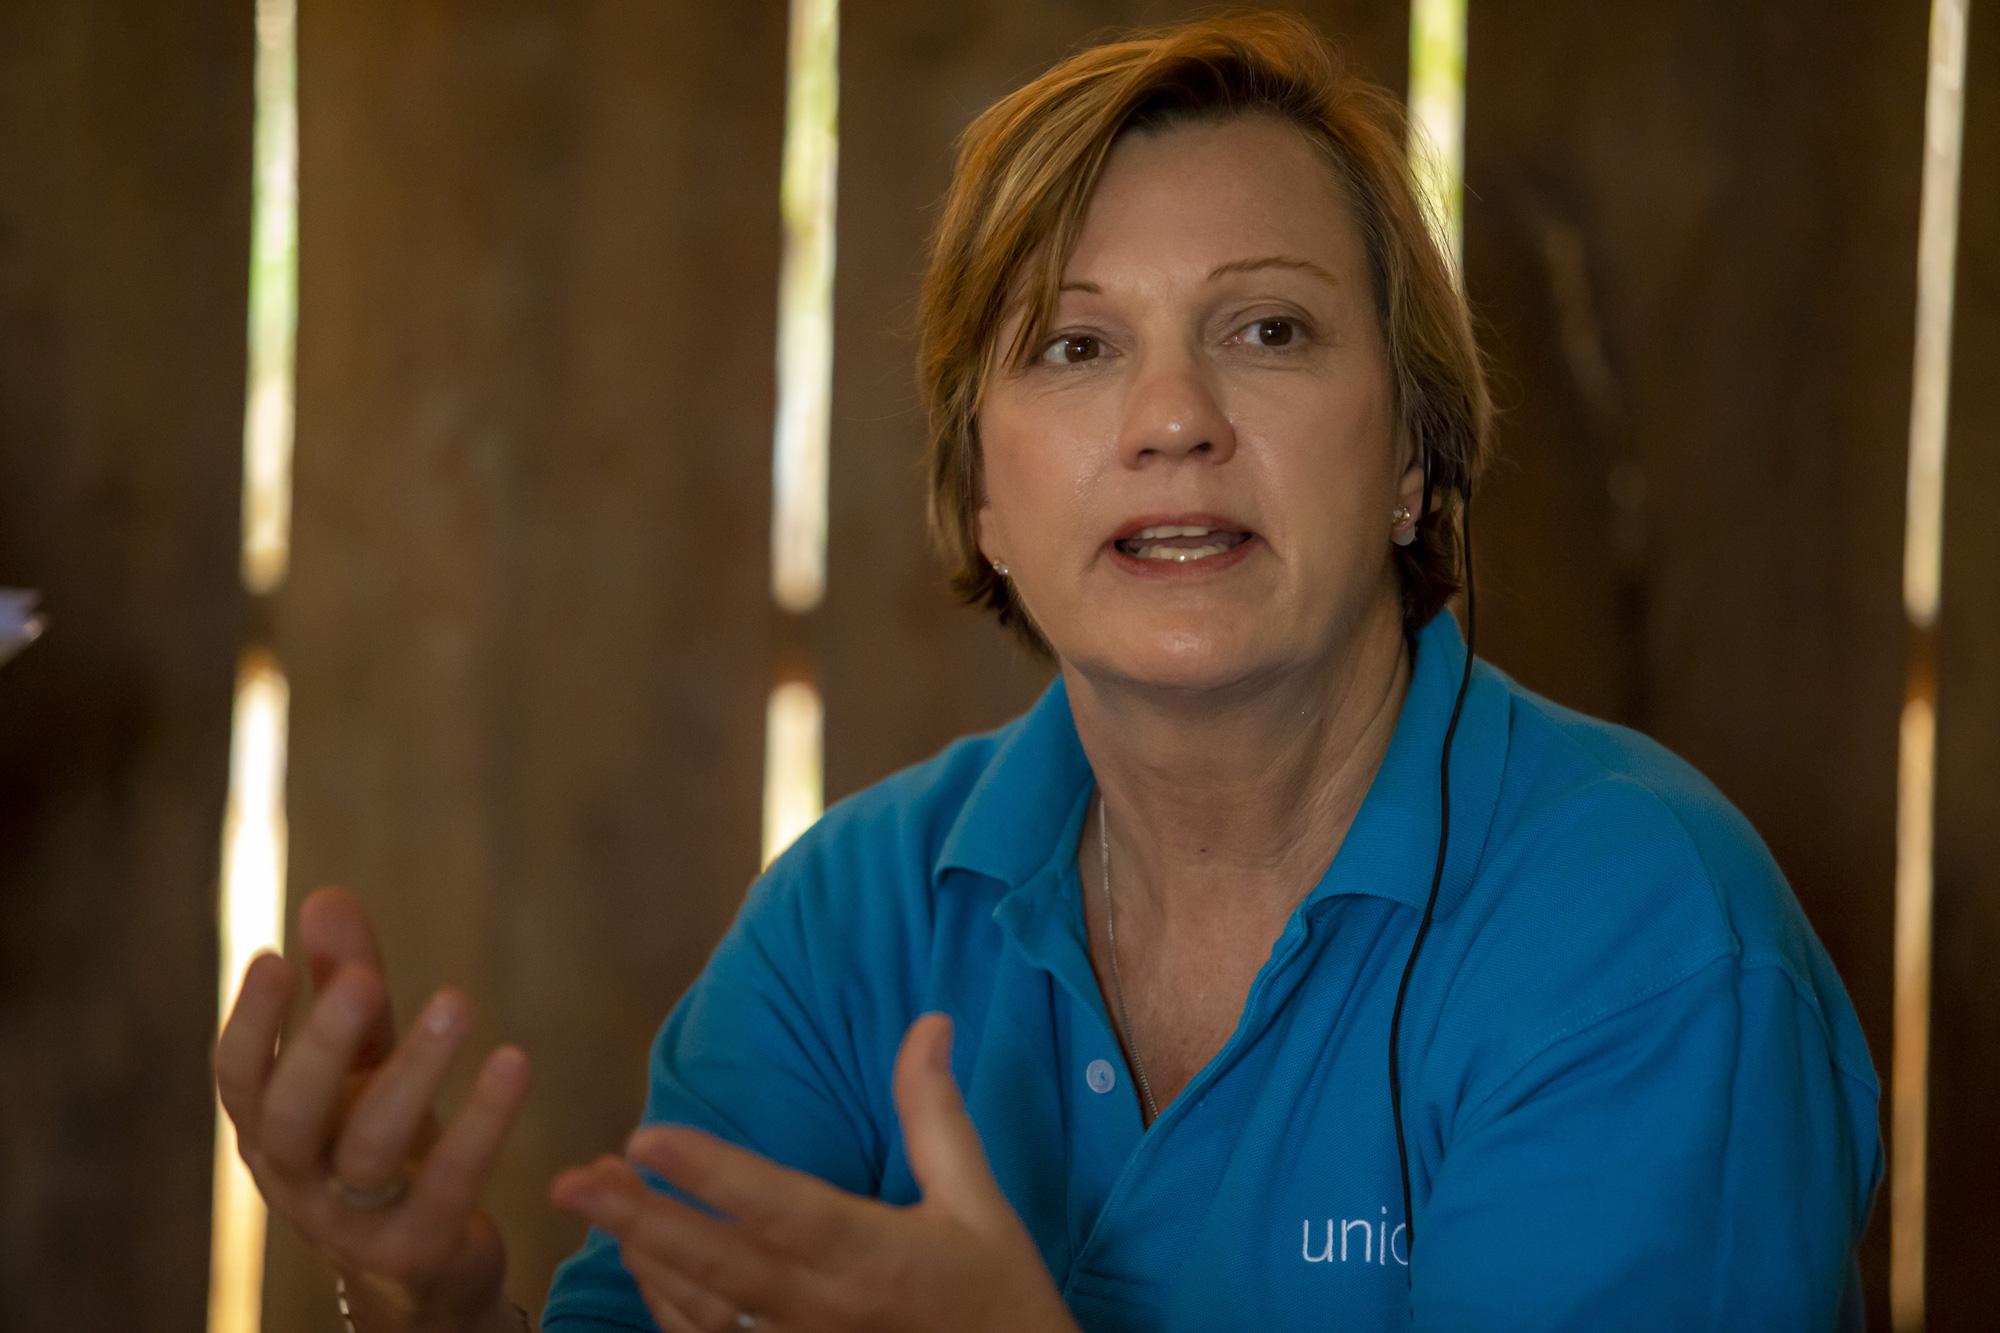 UNICEF bày tỏ quan điểm về việc chăm sóc trẻ em mồ côi do Covid-19 tại Việt Nam - Ảnh 1.